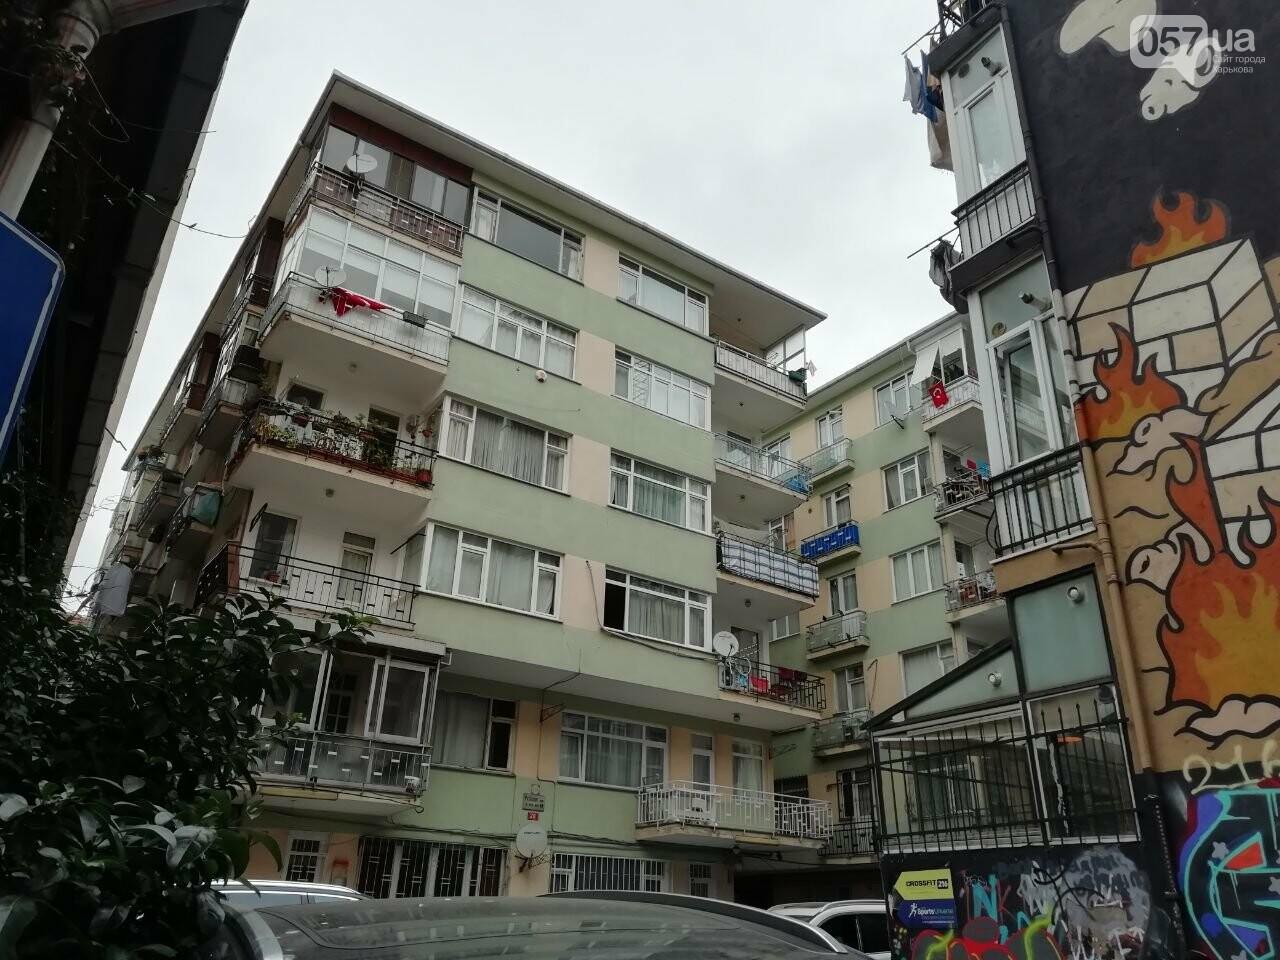 Из Харькова в Стамбул. Как добраться, что попробовать и на что посмотреть в турецком городе, - ФОТО, фото-41